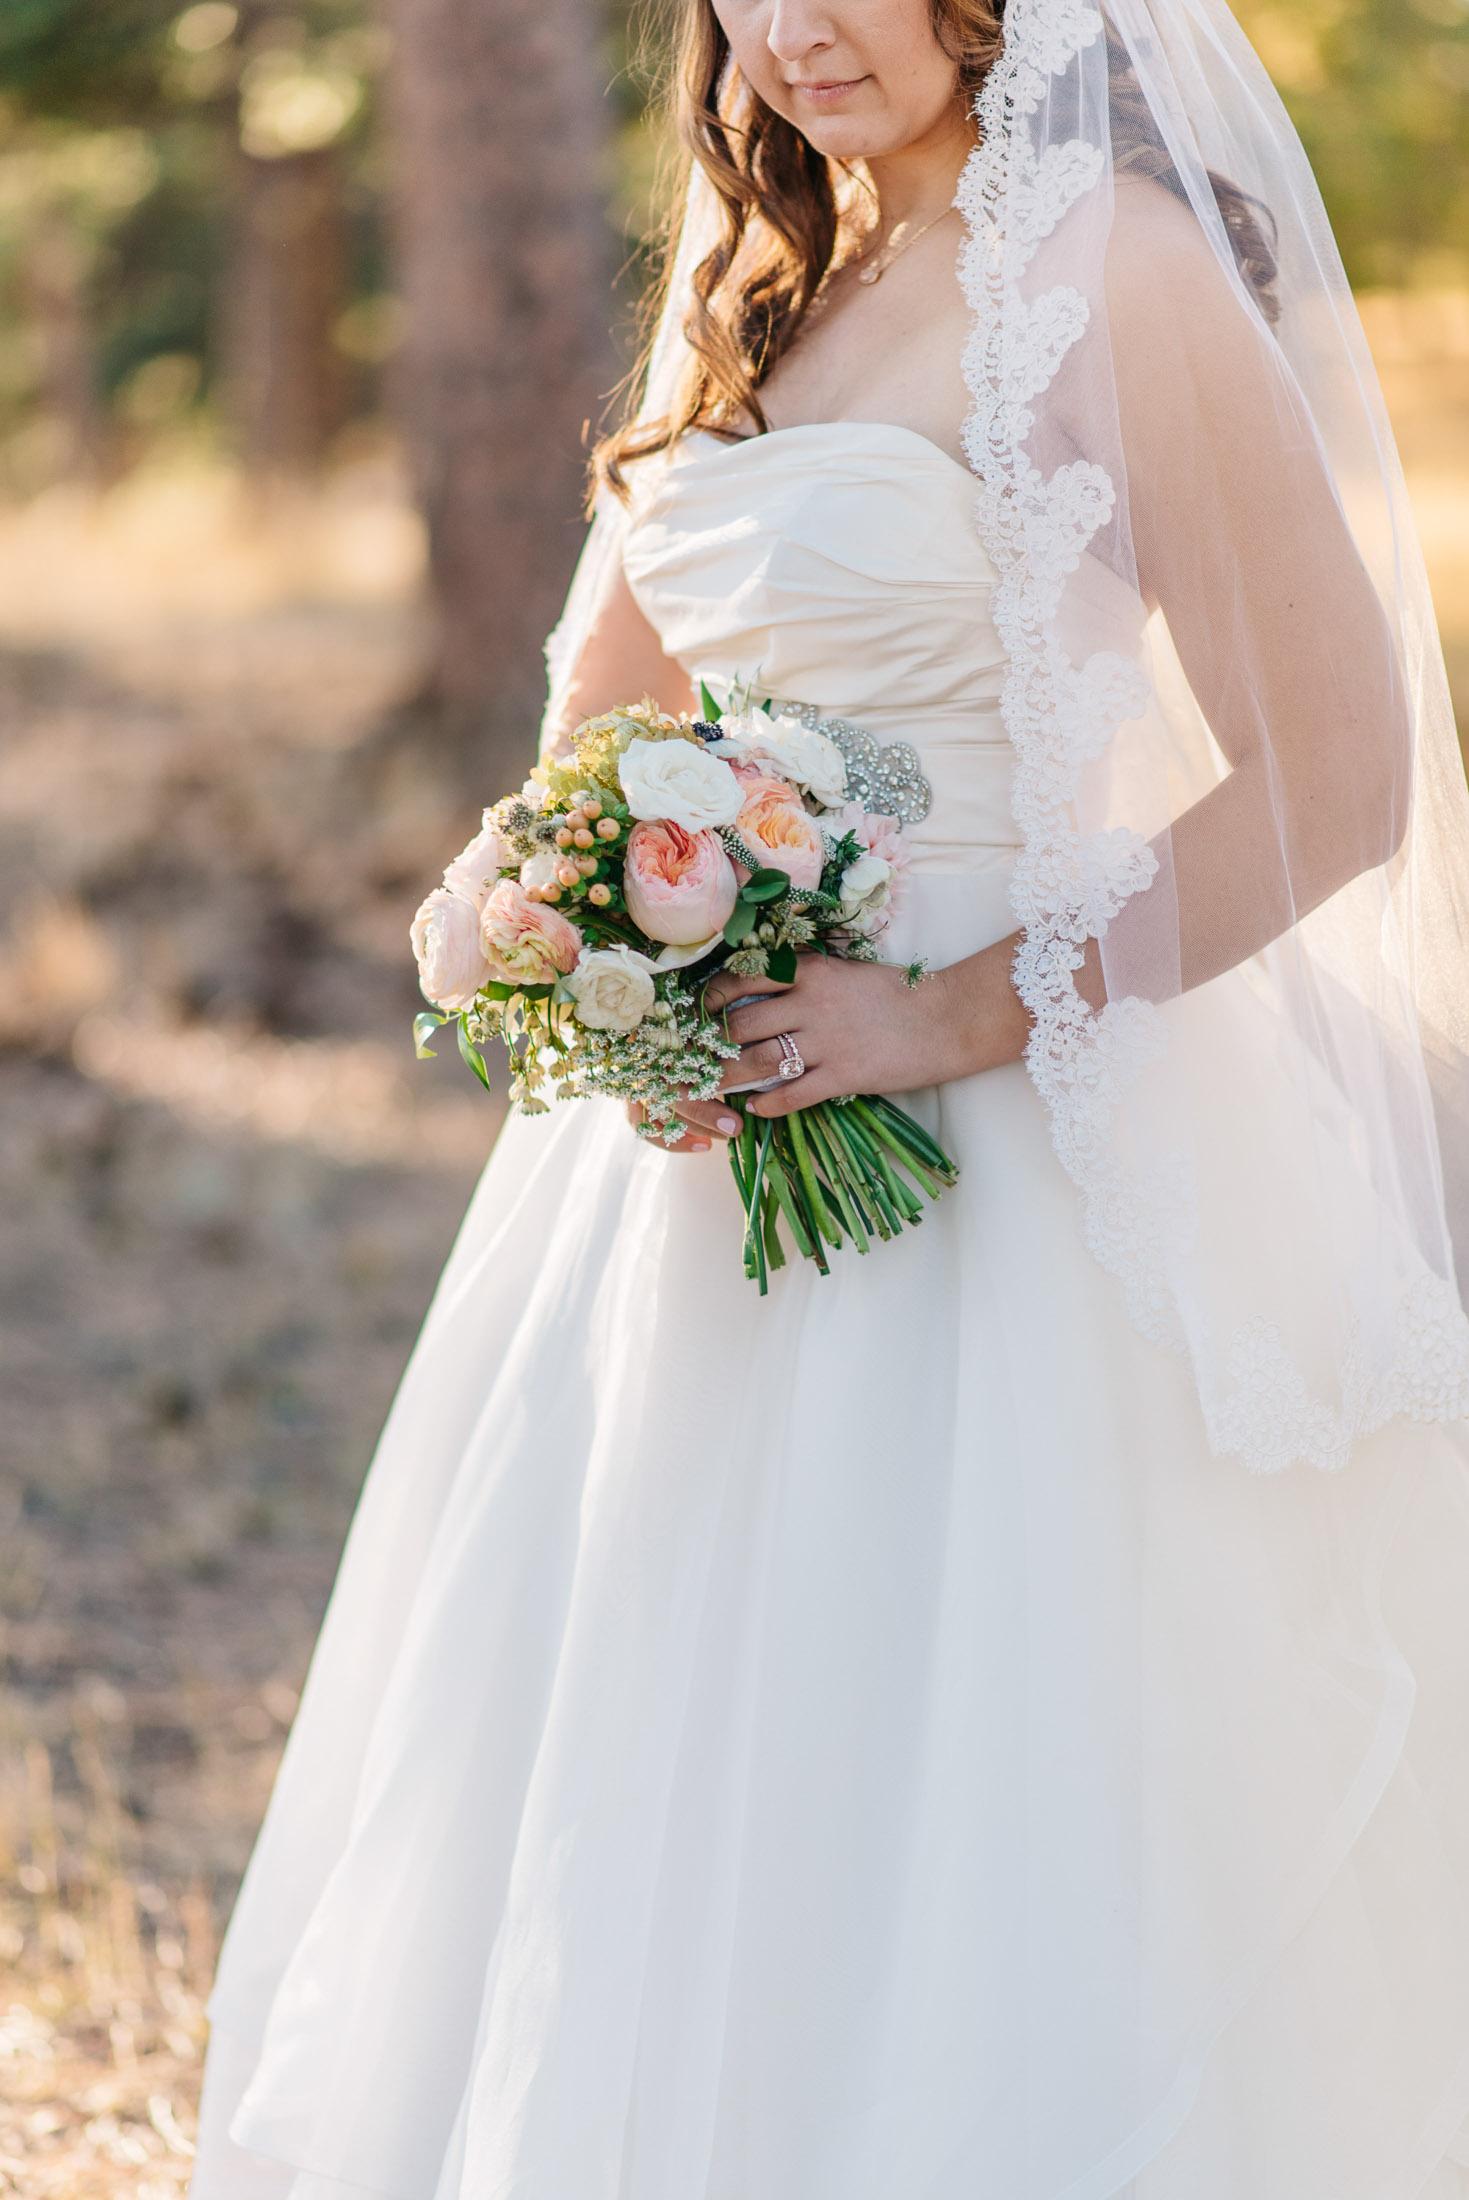 80elopement-photographer-colorado-Amanda&Sam-Denver_wedding-2673.jpg